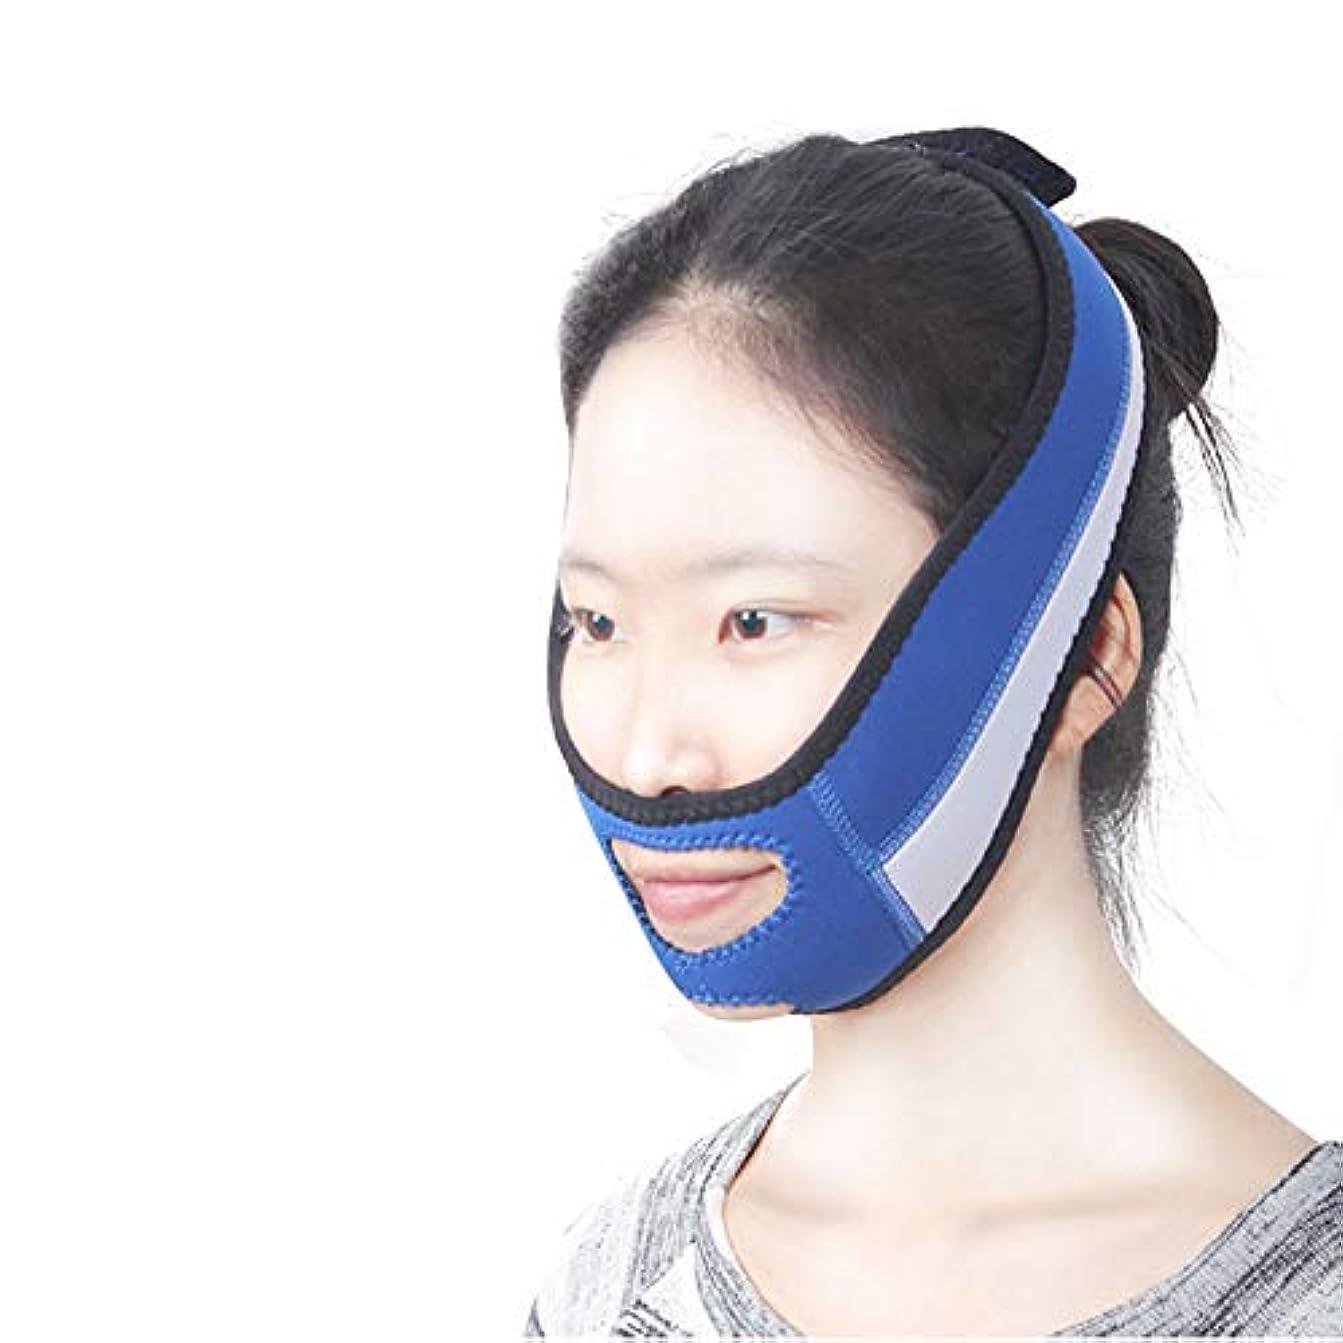 食器棚標準に負けるWSJTT V字型スリミングフェイスストラップをマスクネックリフトテープフェイススリムパッチフェイススリミングベルトチークマスクリフトV顔ラインスリムを持ち上げるダブルチンリデューサーVラインマスク